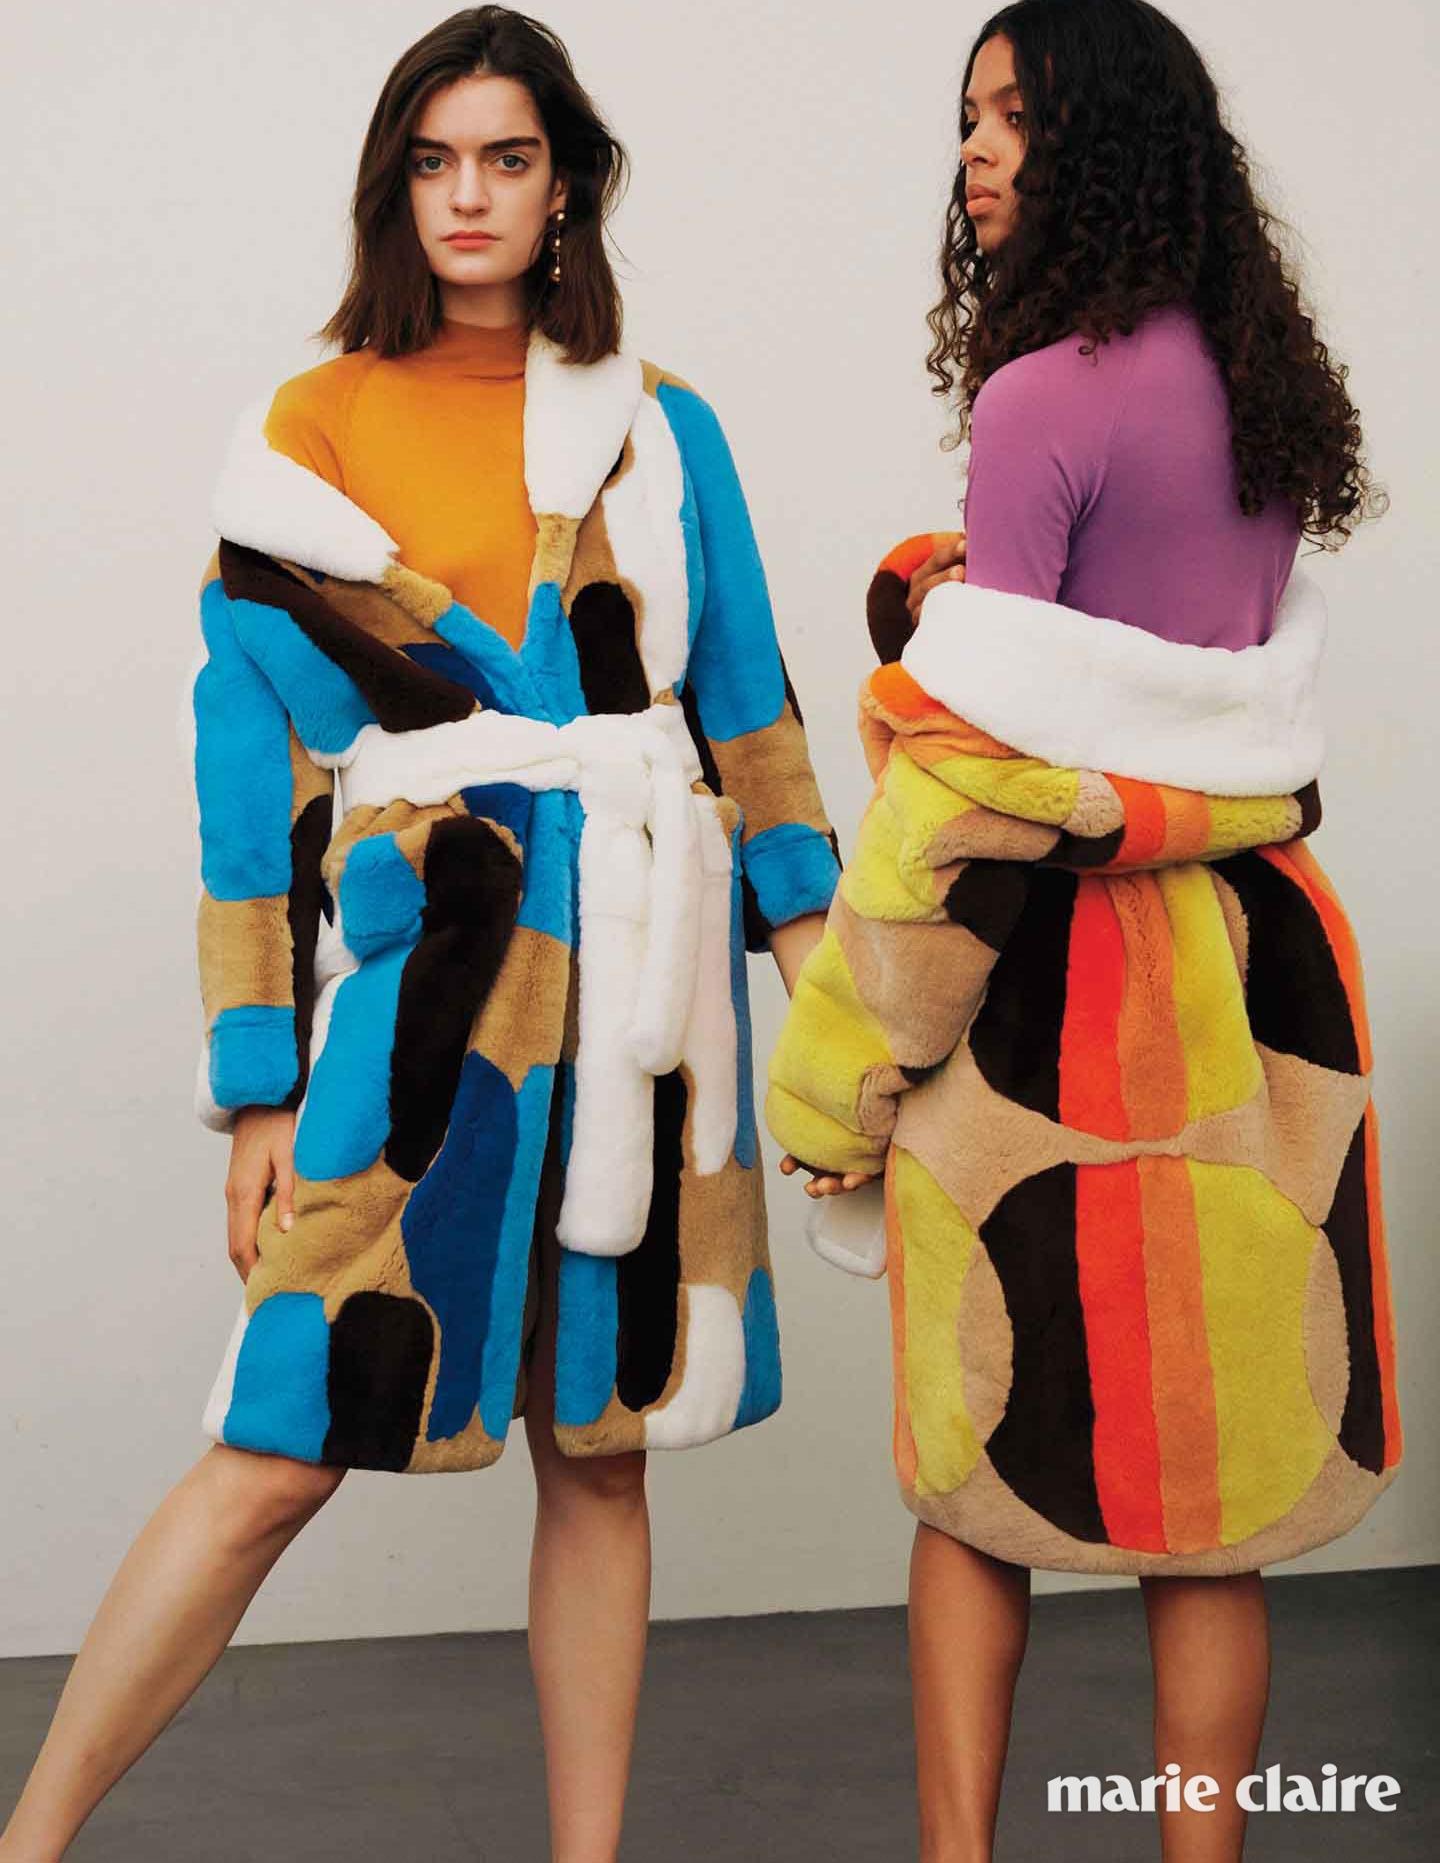 왼쪽 모델이 착용한 토끼털 로브 코트, 울 터틀넥 톱 모두 미우미우(Miu Miu), 드롭 이어링 발렌시아가(Balenciaga), 오른쪽 모델이 입은 토끼털 로브 코트, 울 터틀넥 톱 모두 미우미우(Miu Miu)